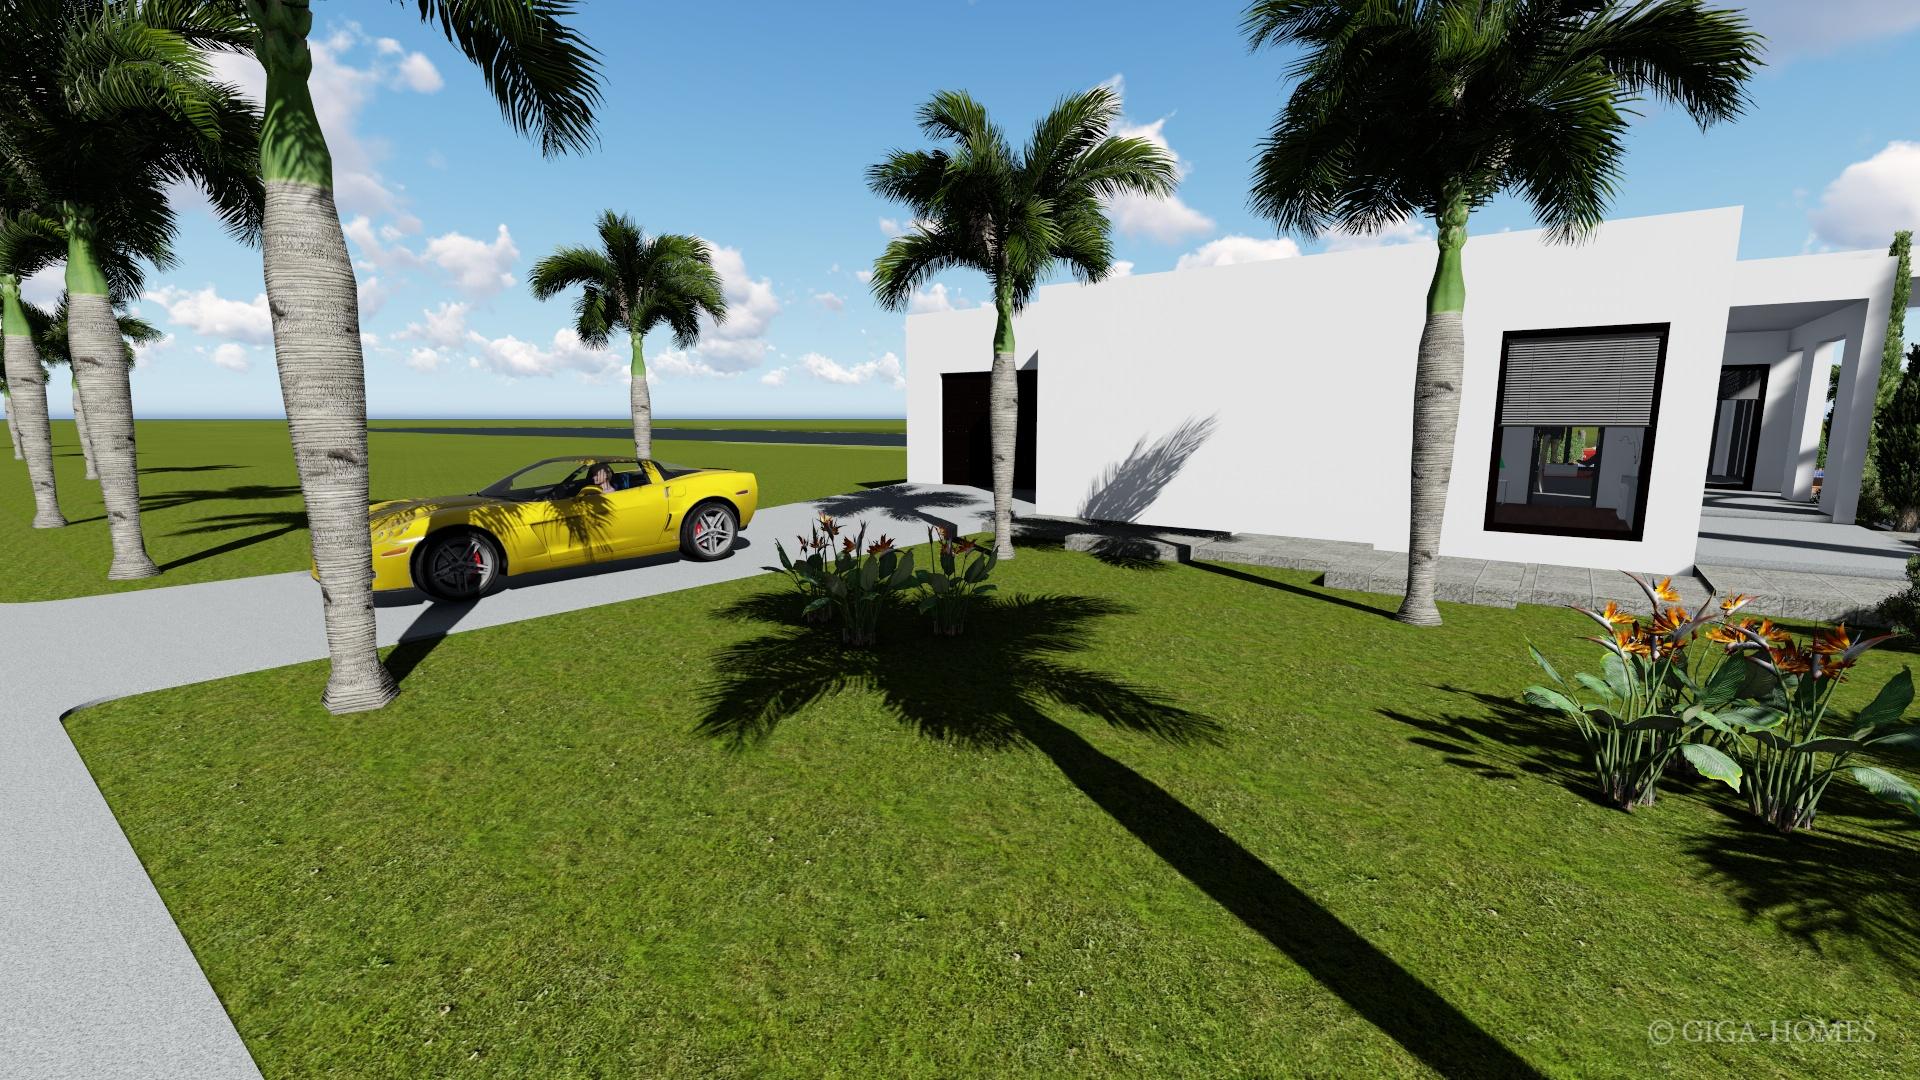 Giga_Homes_1_02.jpg